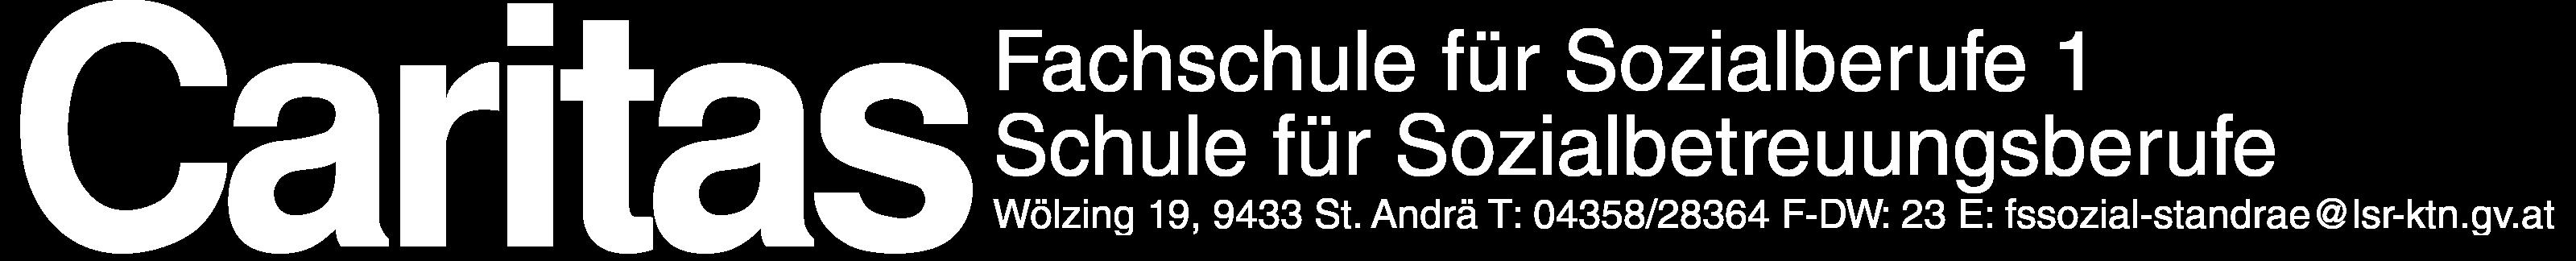 Private Fachschule für Sozialberufe 1 -  St. Andrä